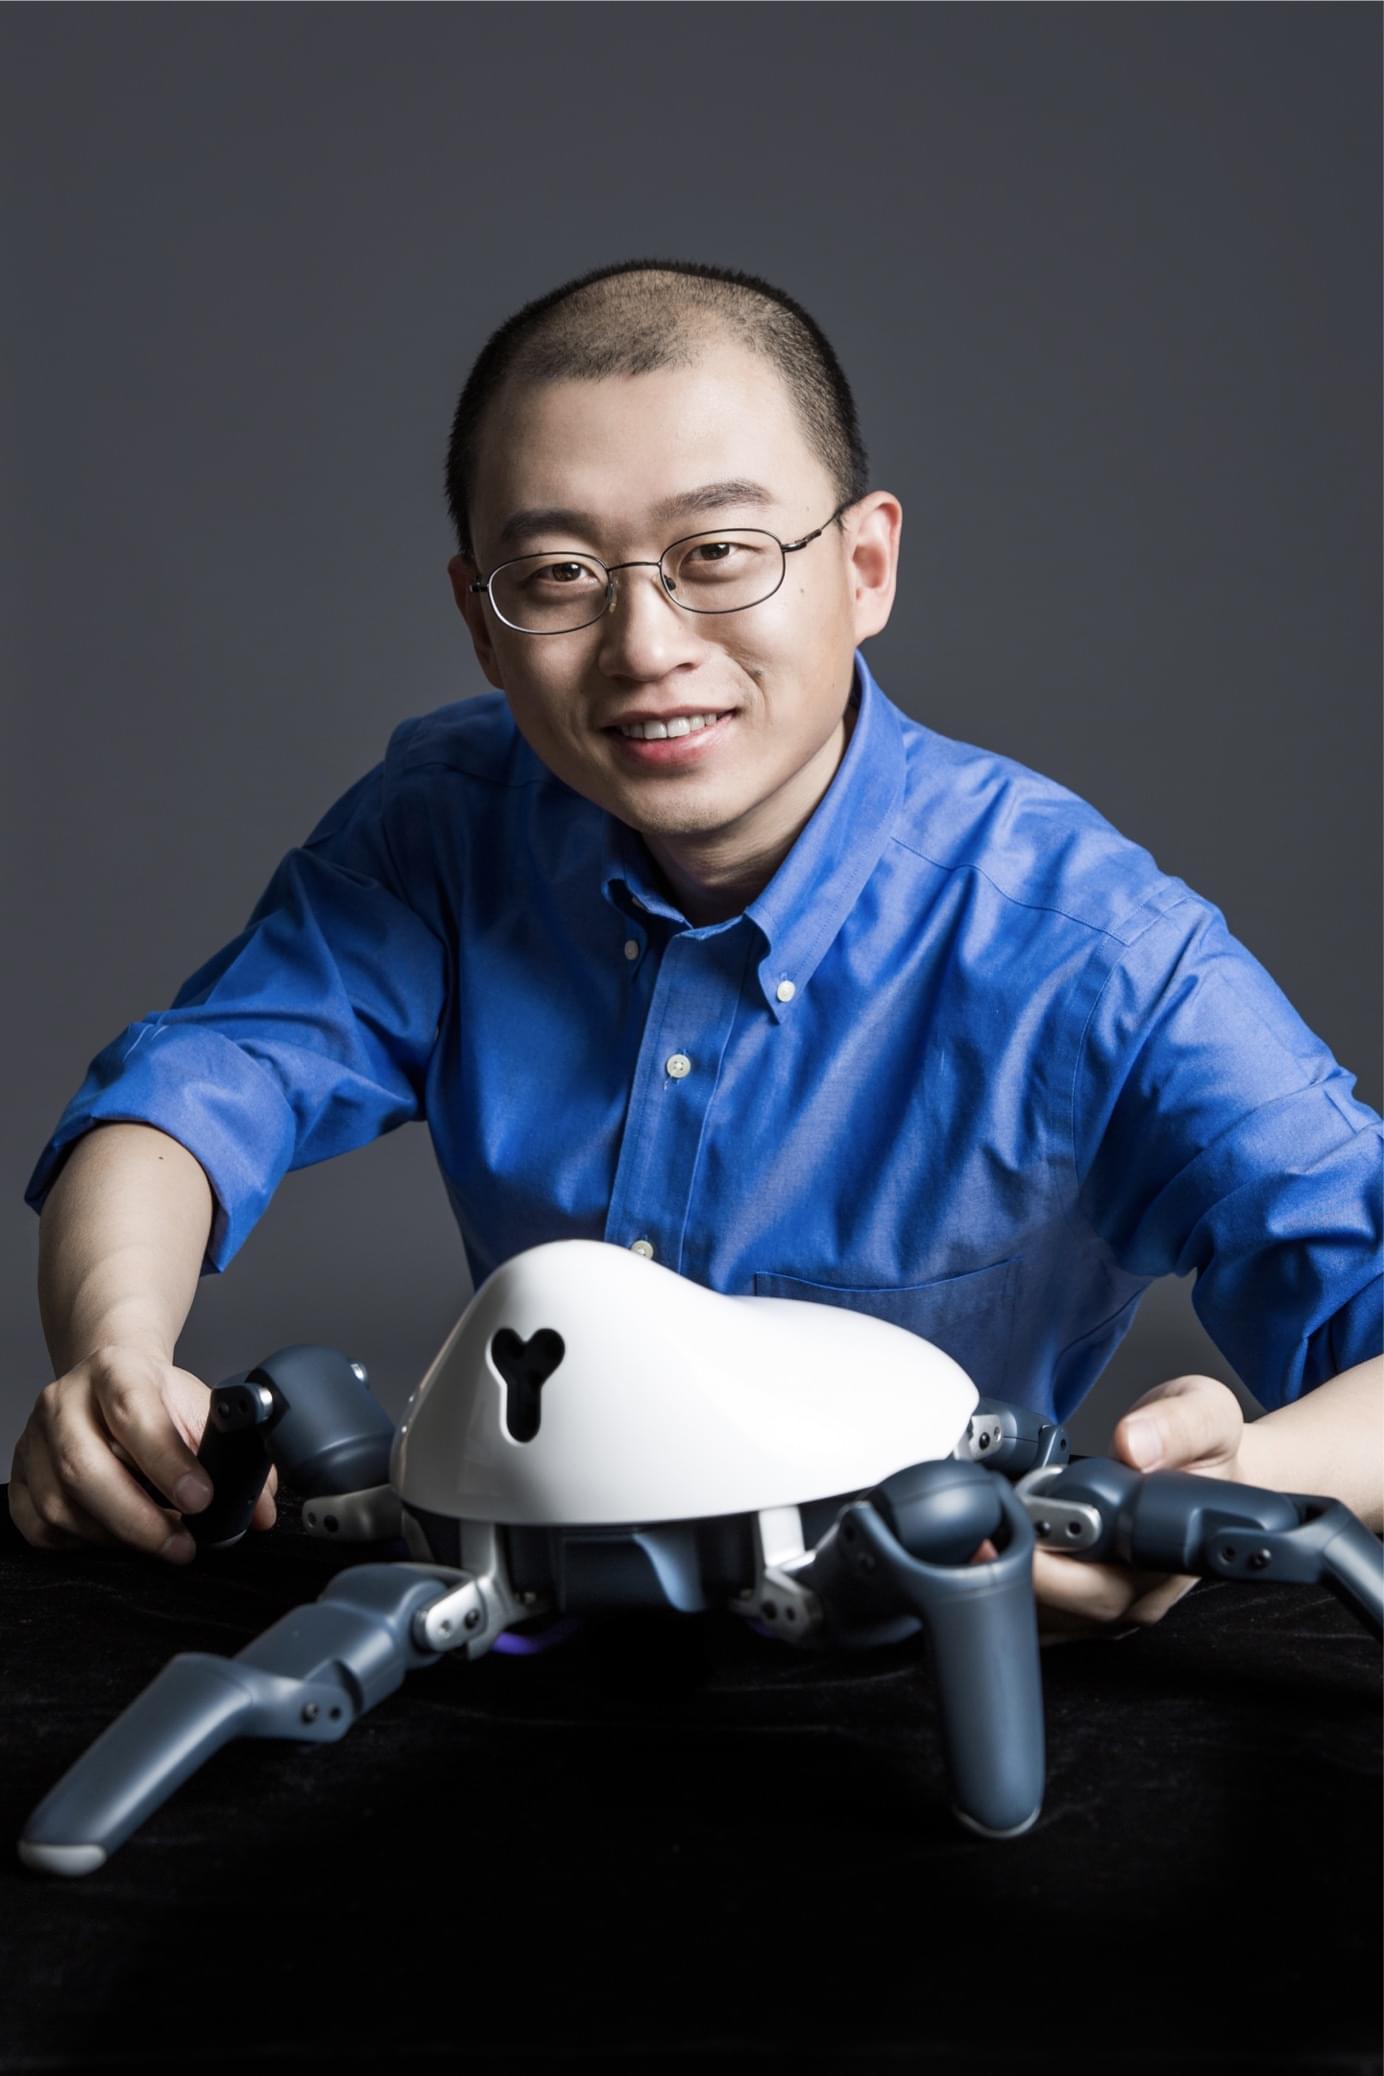 孙天齐:把平板挂在人体模特上就是机器人?太骗人!